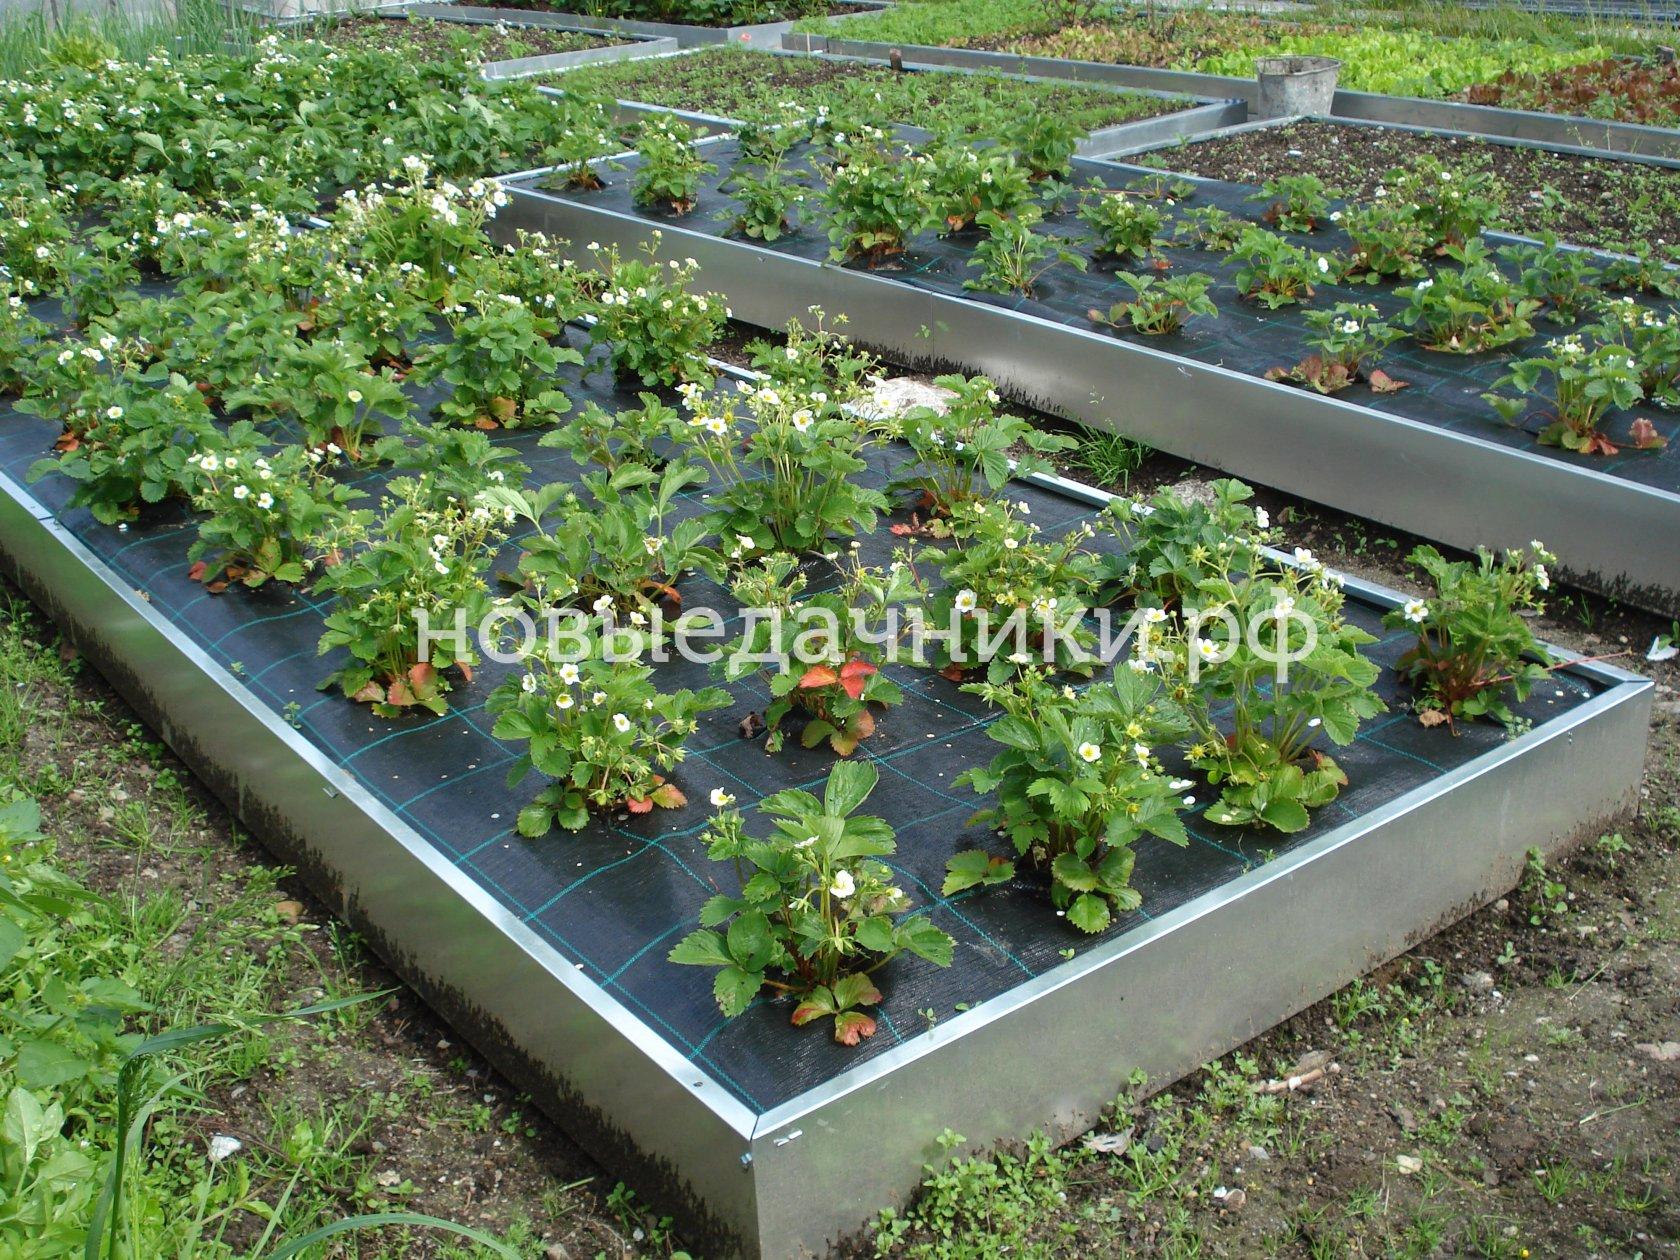 Как посадить помидоры под пленку 78